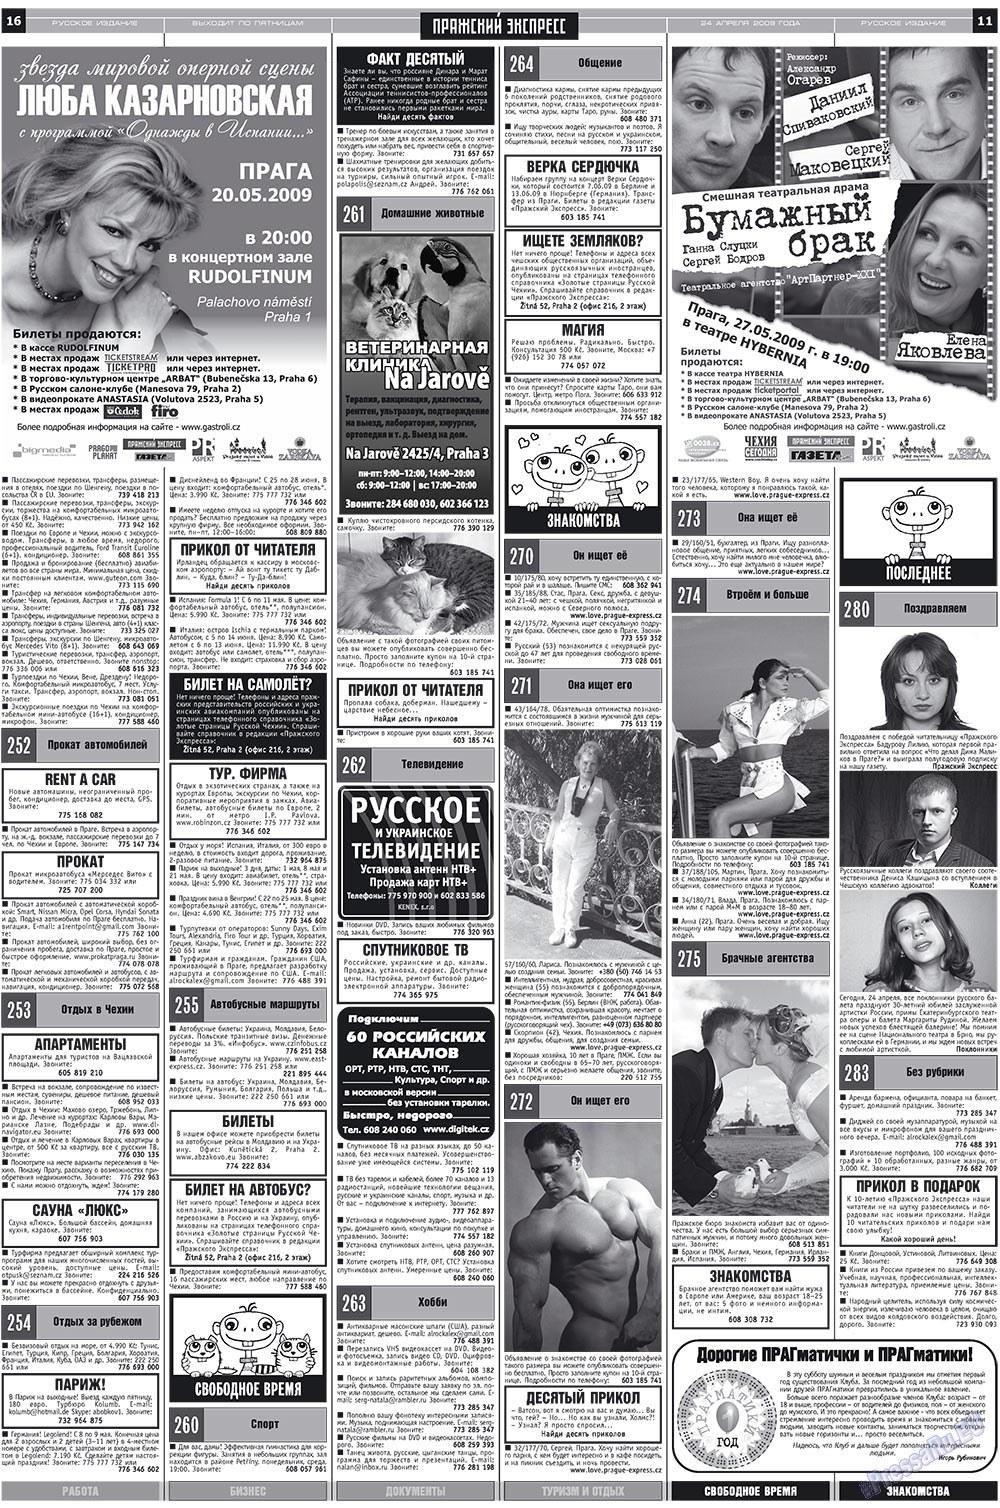 Пражский экспресс (газета). 2009 год, номер 16, стр. 11